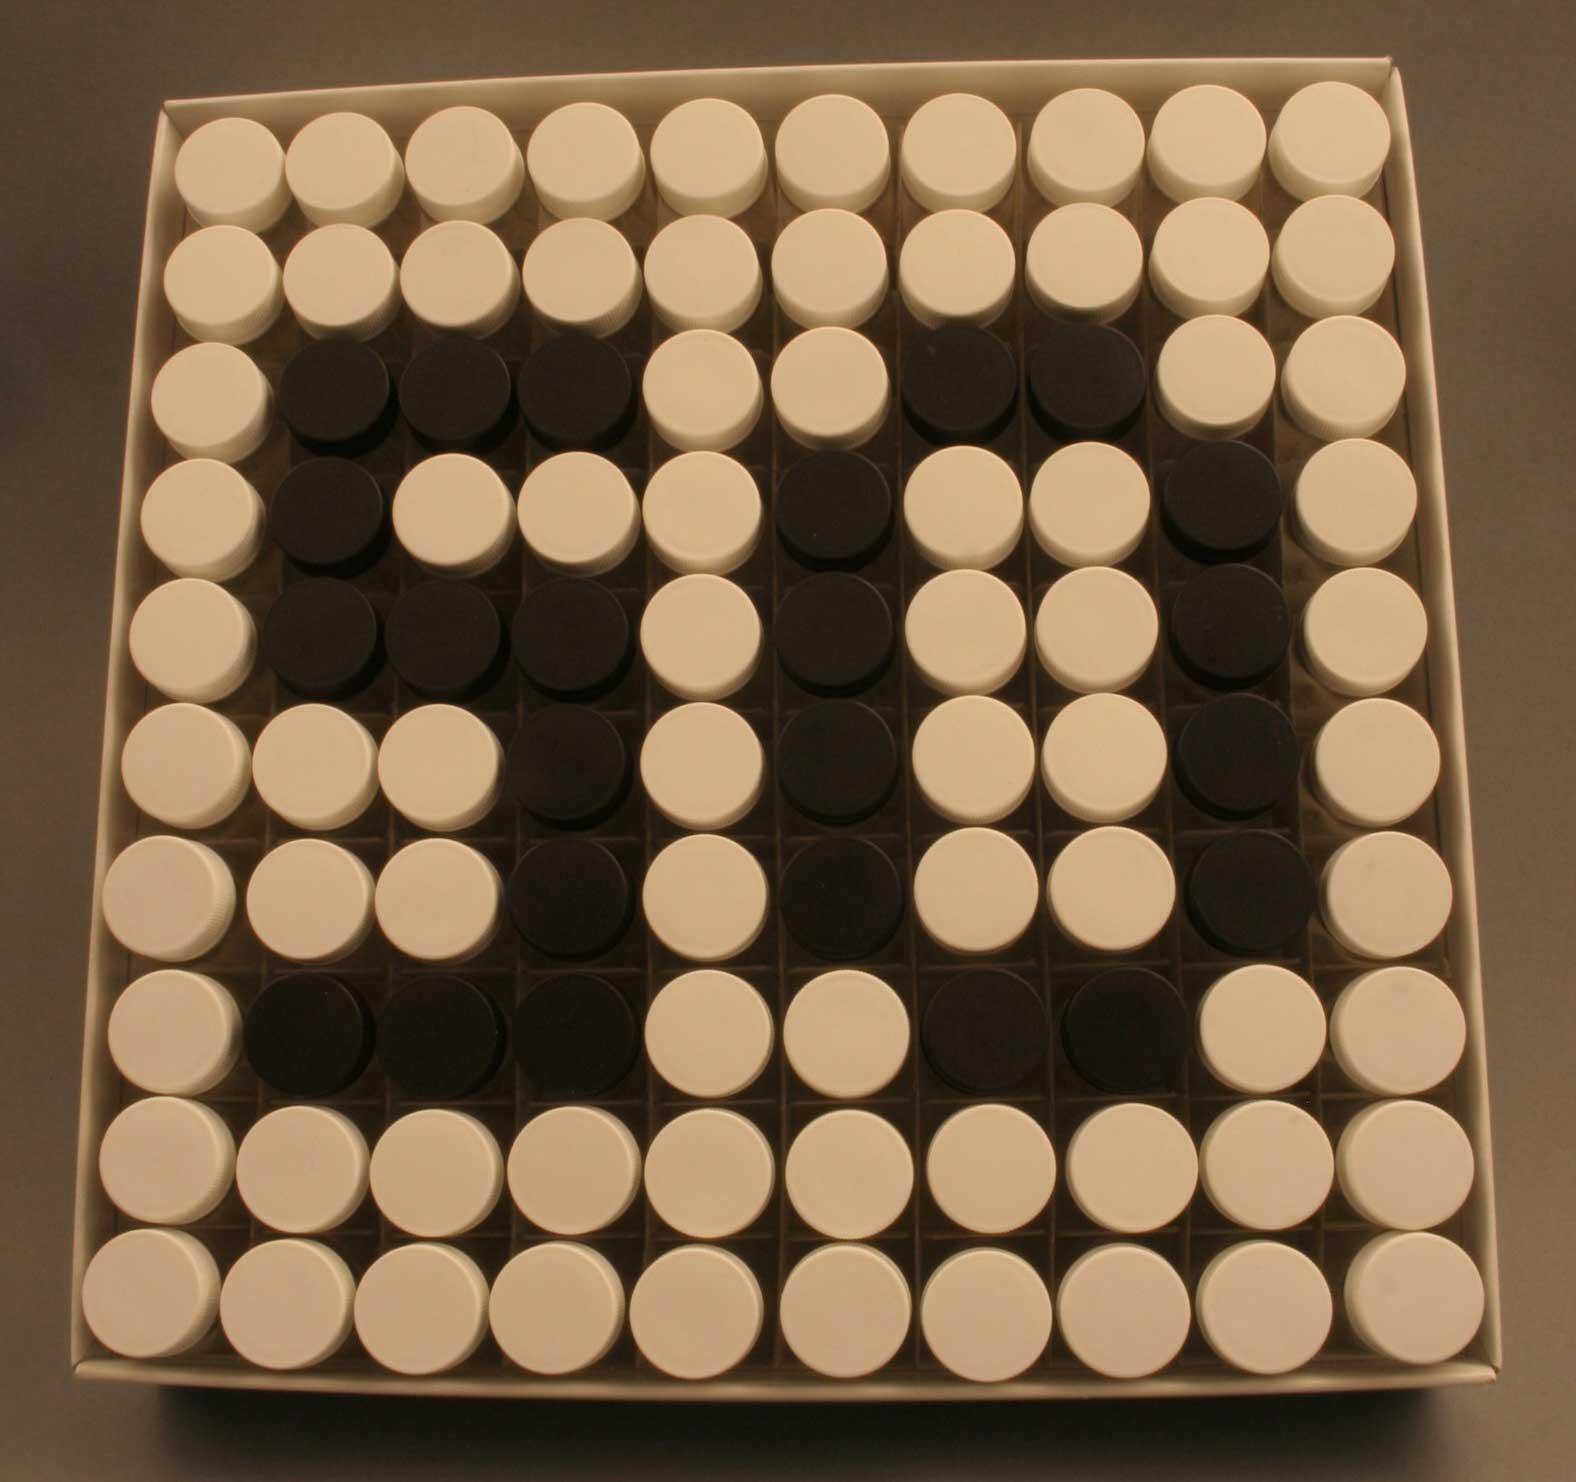 Aufbewahrungsflaschen farblich arrangiert Schnapsfläschen für Jubiläum